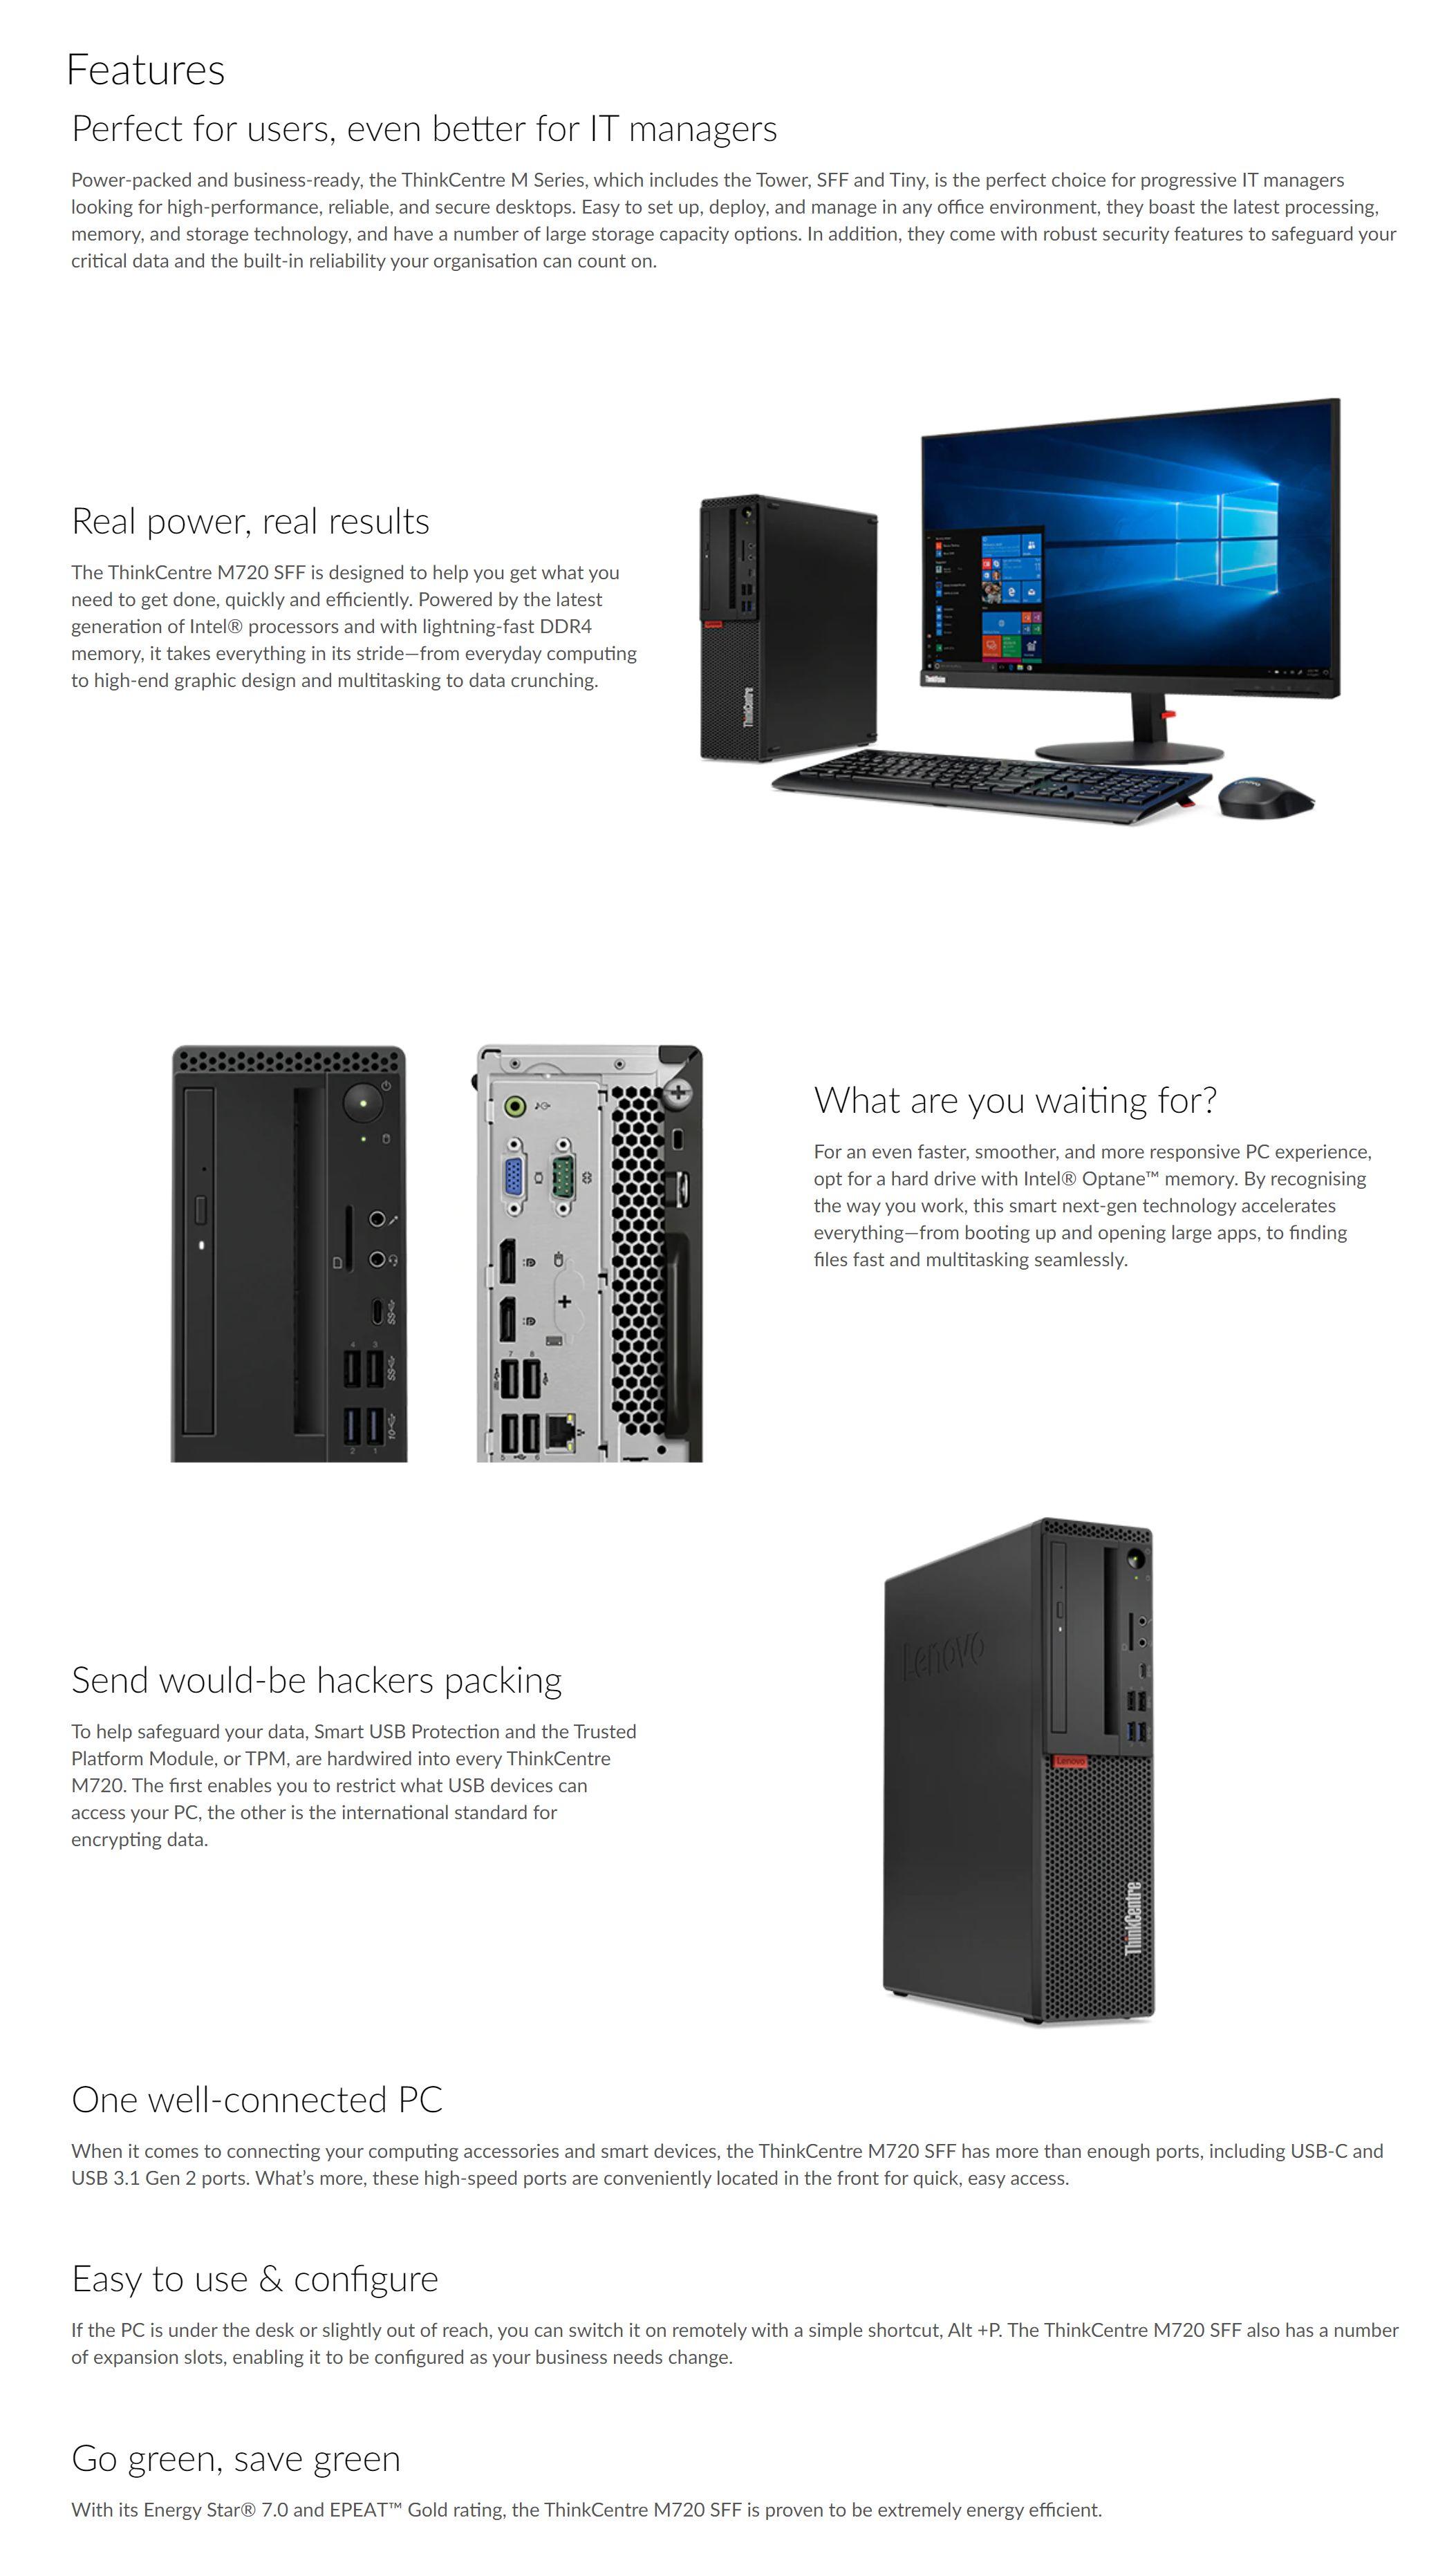 #1715 - 'ThinkCentre M720 SFF I High Performance Compact Desktop I Lenovo Australia' - www_lenovo_com.jpg